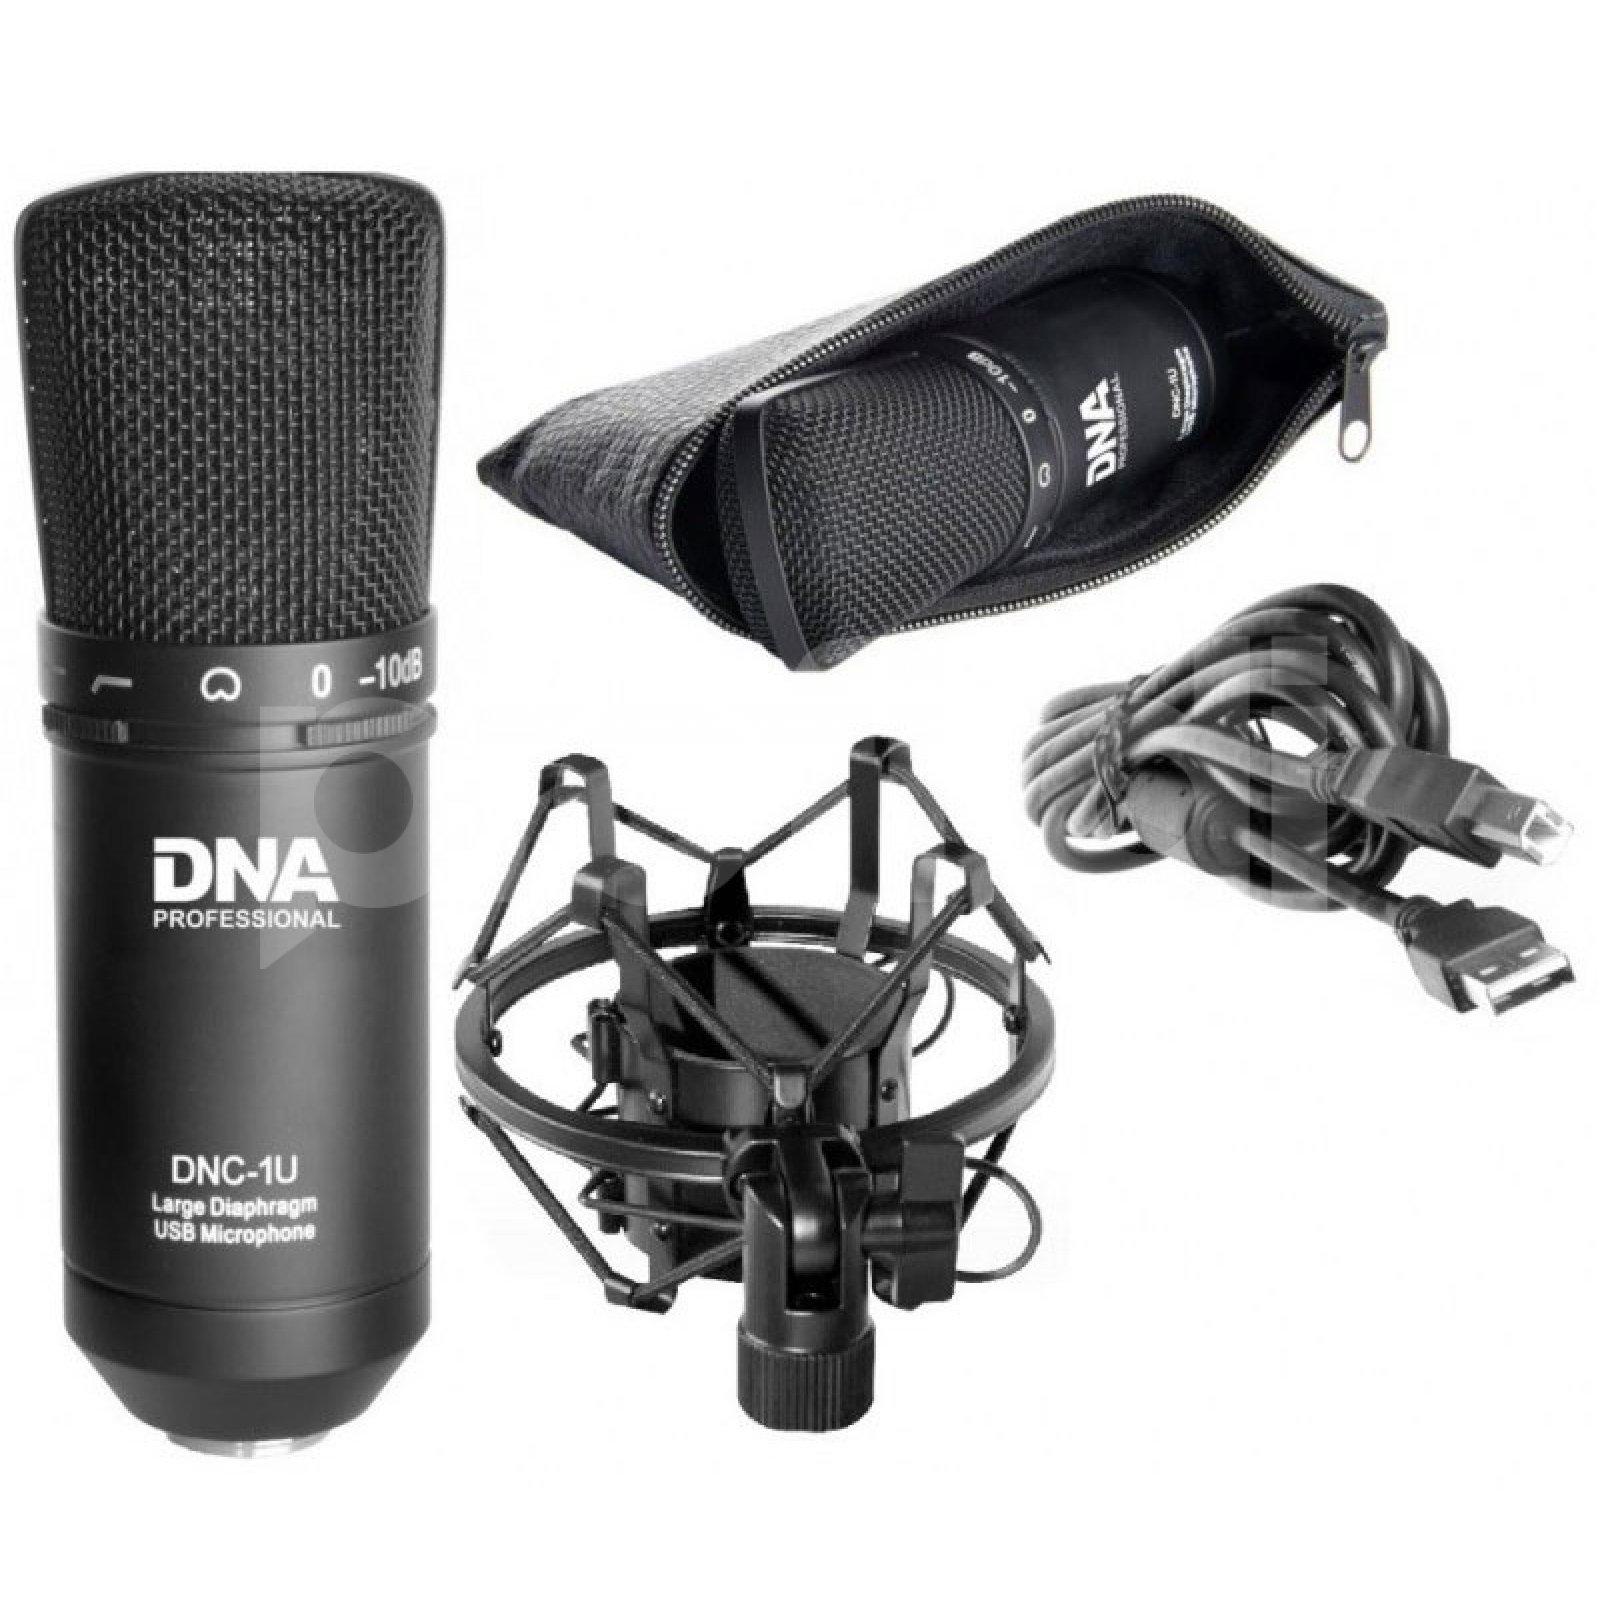 Mohu připojit mikrofon k mému přijímači